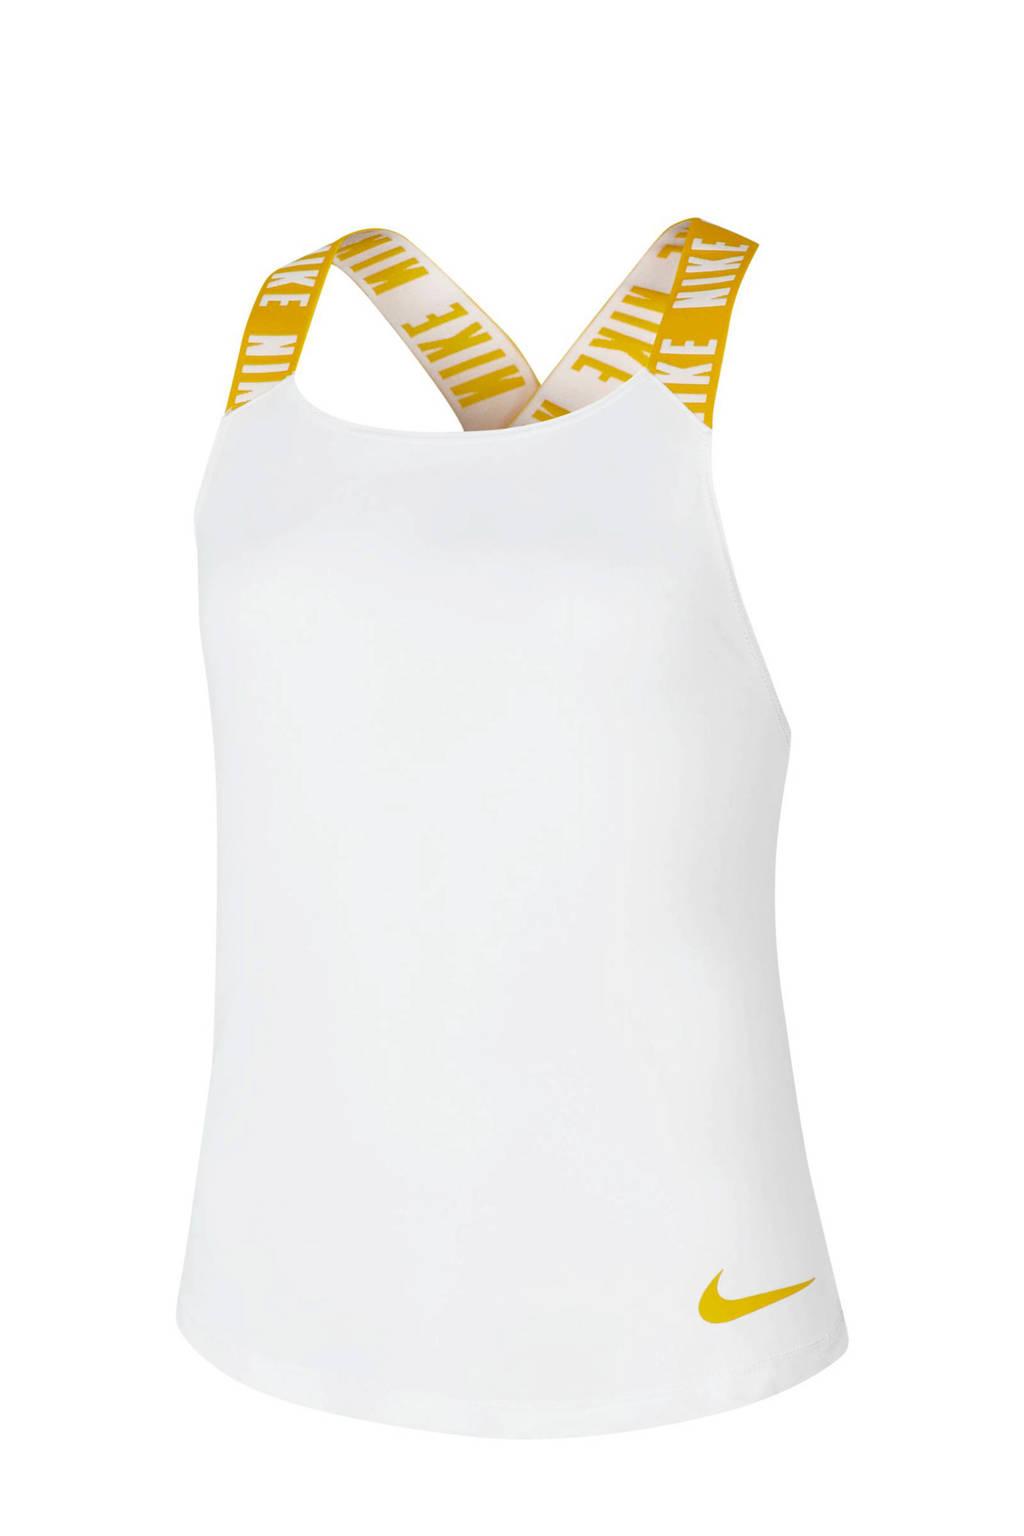 Nike top wit/geel, Wit/geel